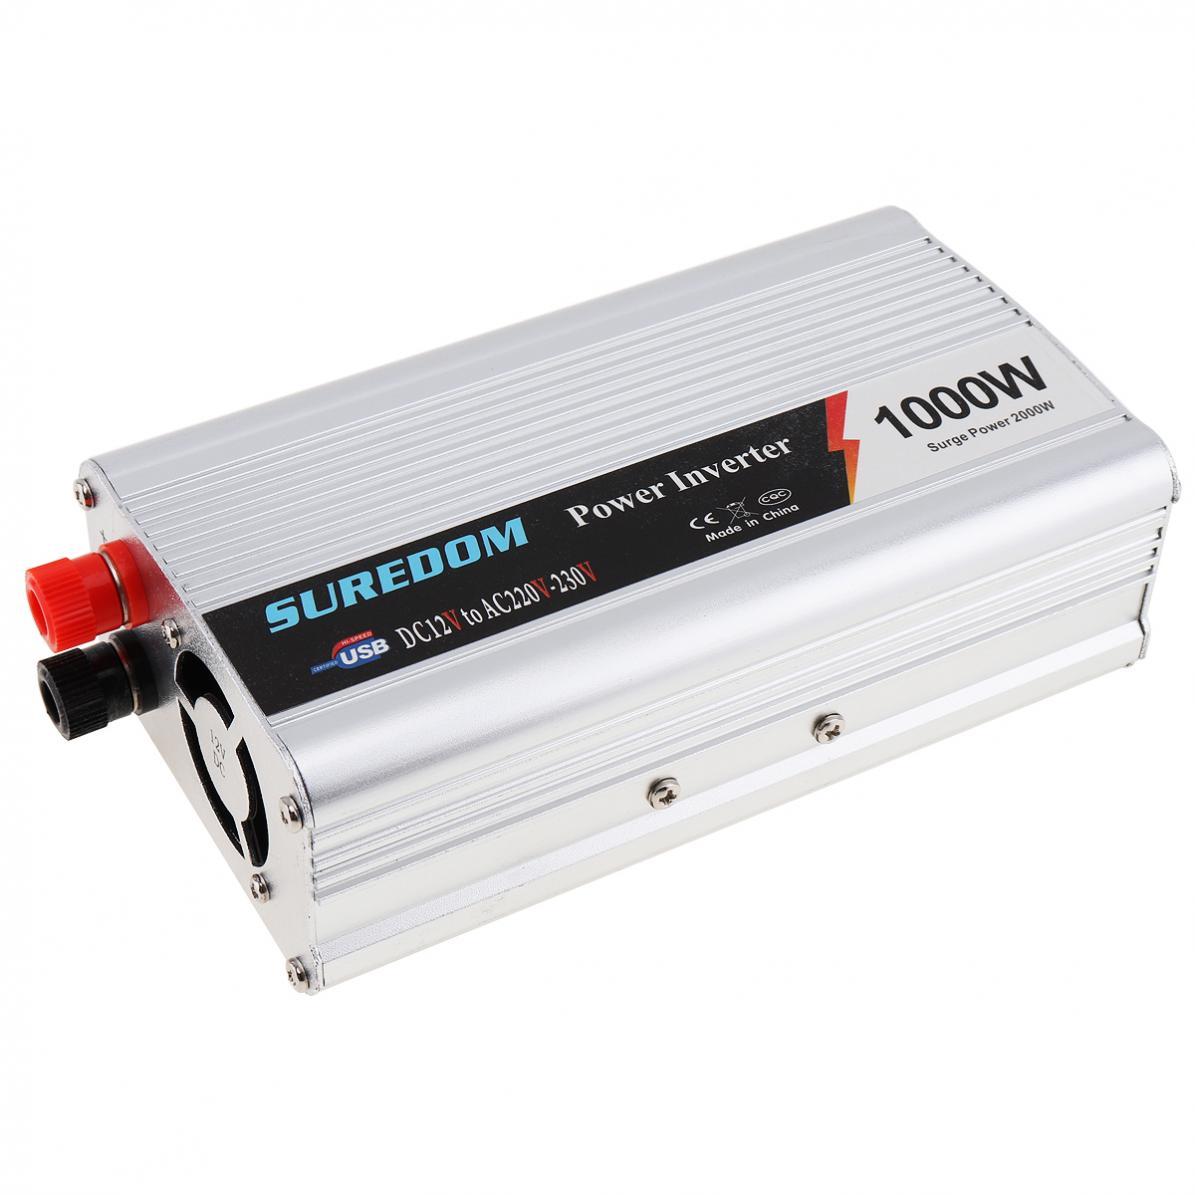 1000W DC 12V 24V do AC 220V 110V USB przenośna przetwornica napięcia Adapter ładowarka napięcie uniwersalne konwerter moc udarowa 2000W nowy